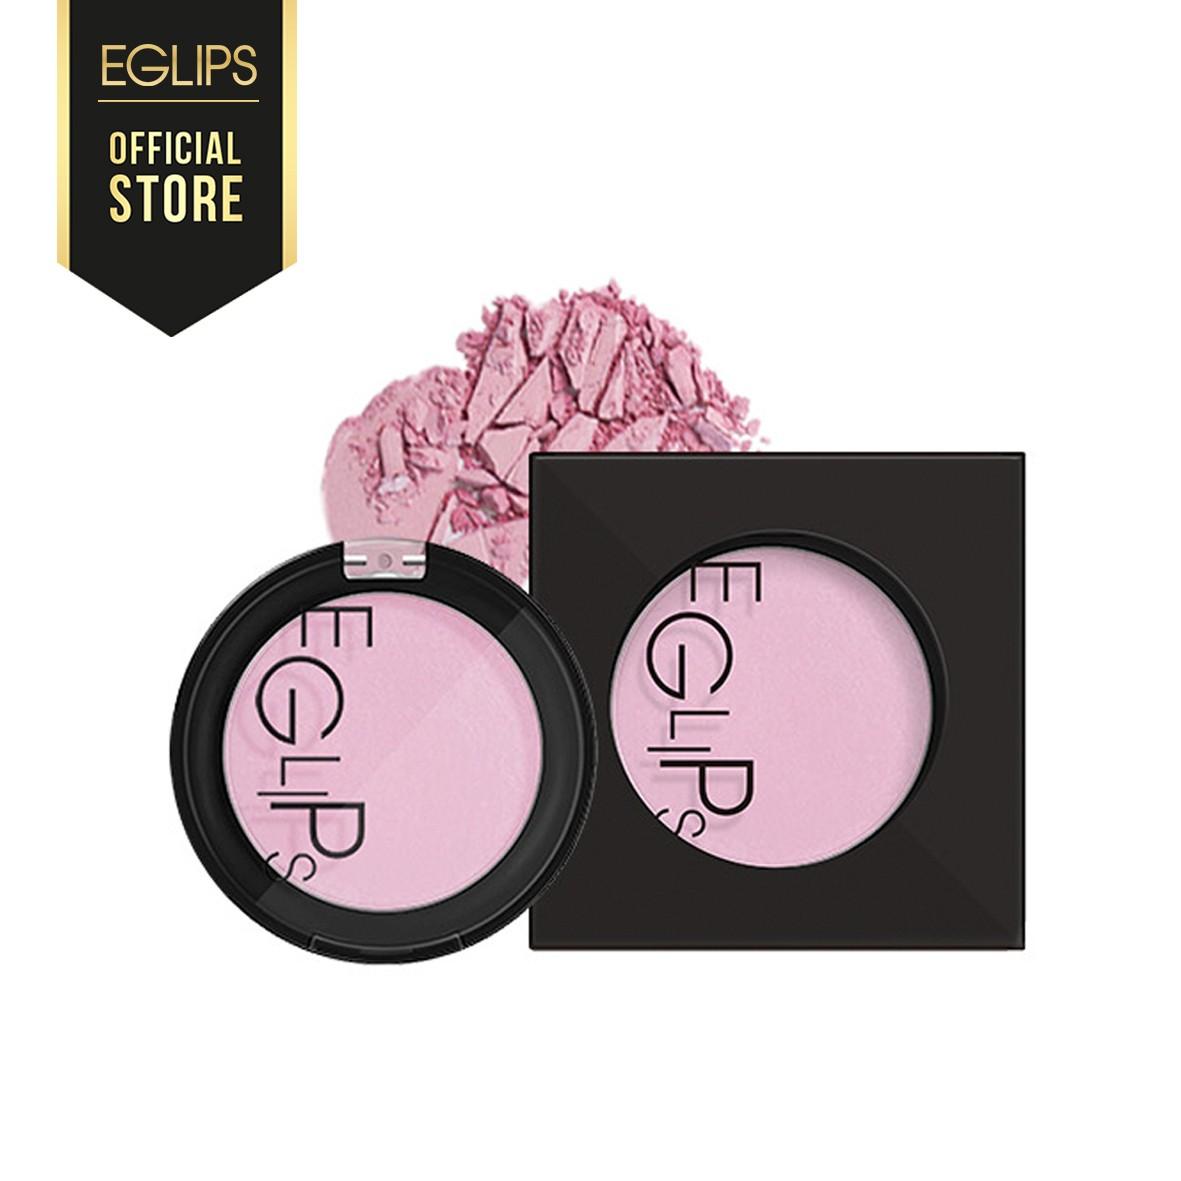 Phấn Má Dạng Nén Eglips Apple Fit Blusher - 05 Lavender Bloom 4g Màu hồng tím - EG-BLS-LB05-R